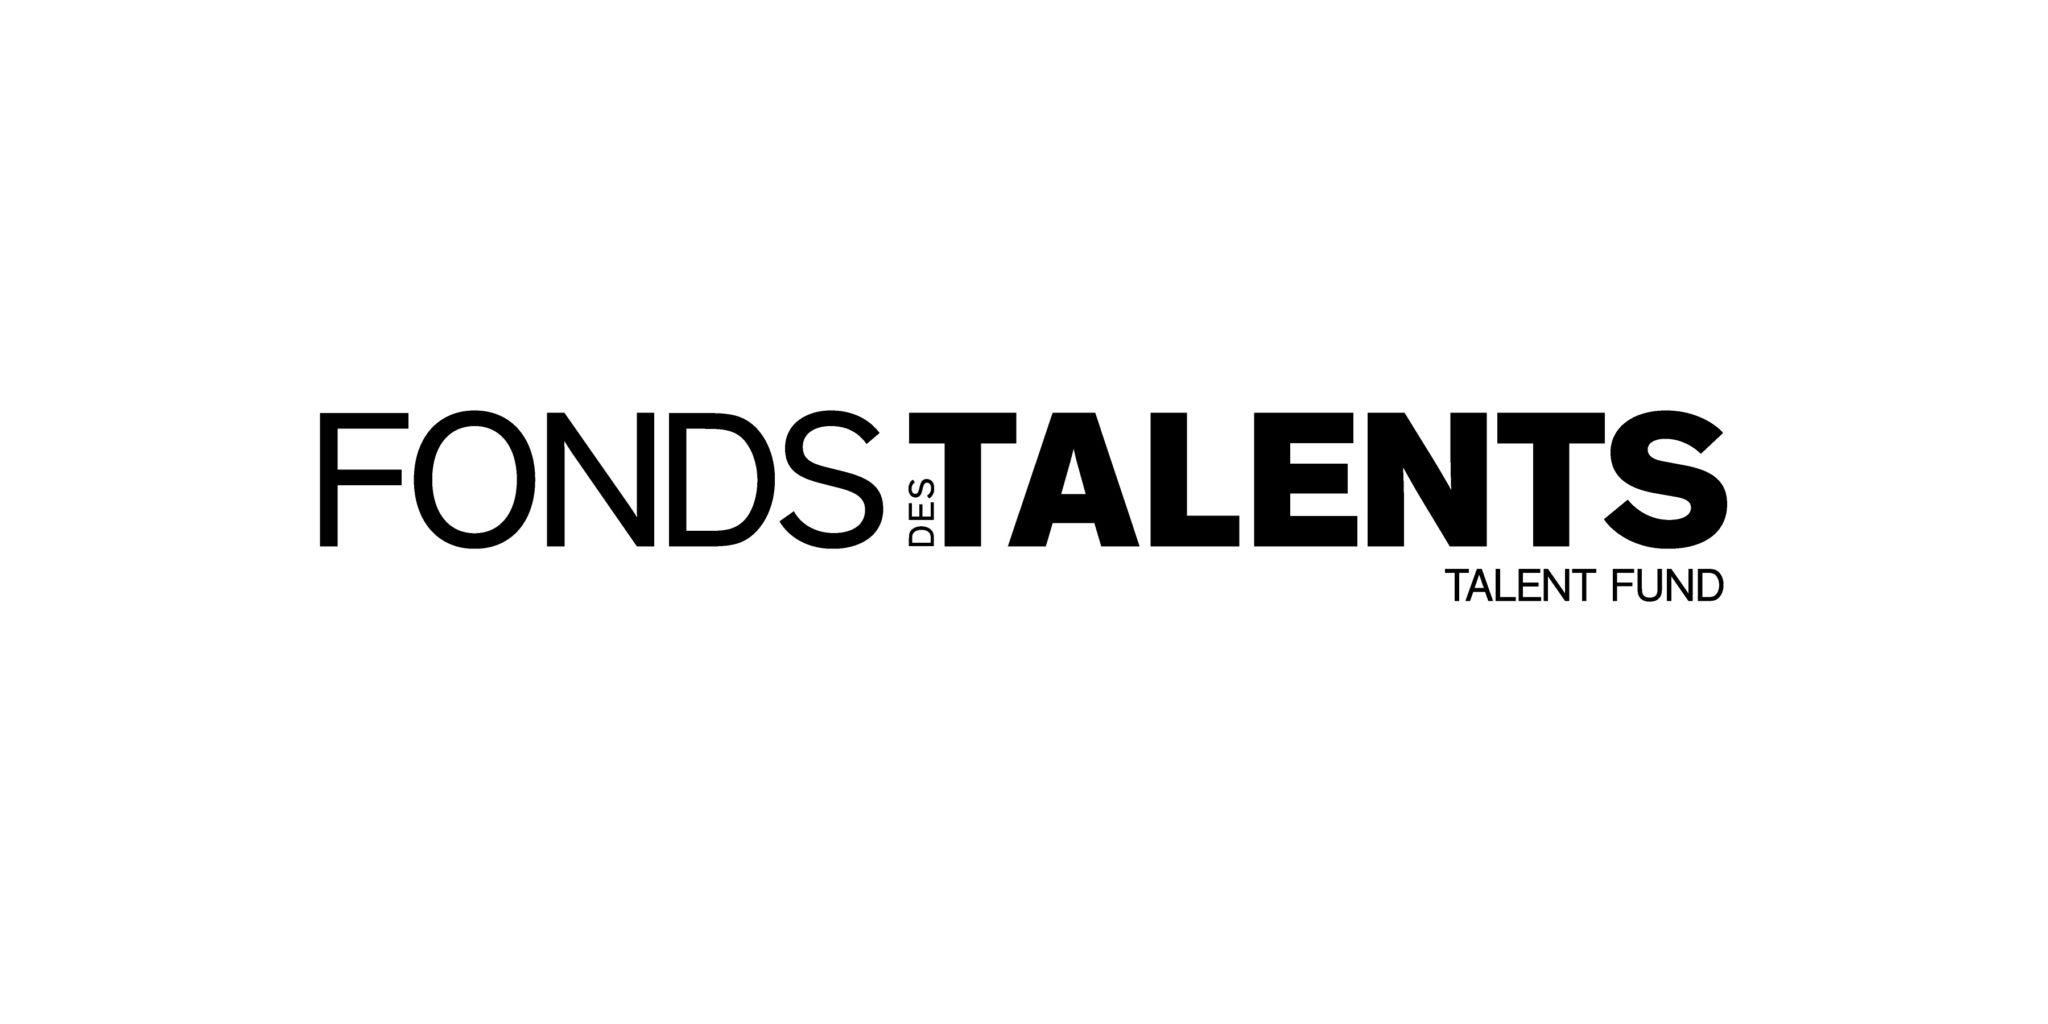 Une cohorte diversifiée et inclusive de talents pour le programme Talents en vue